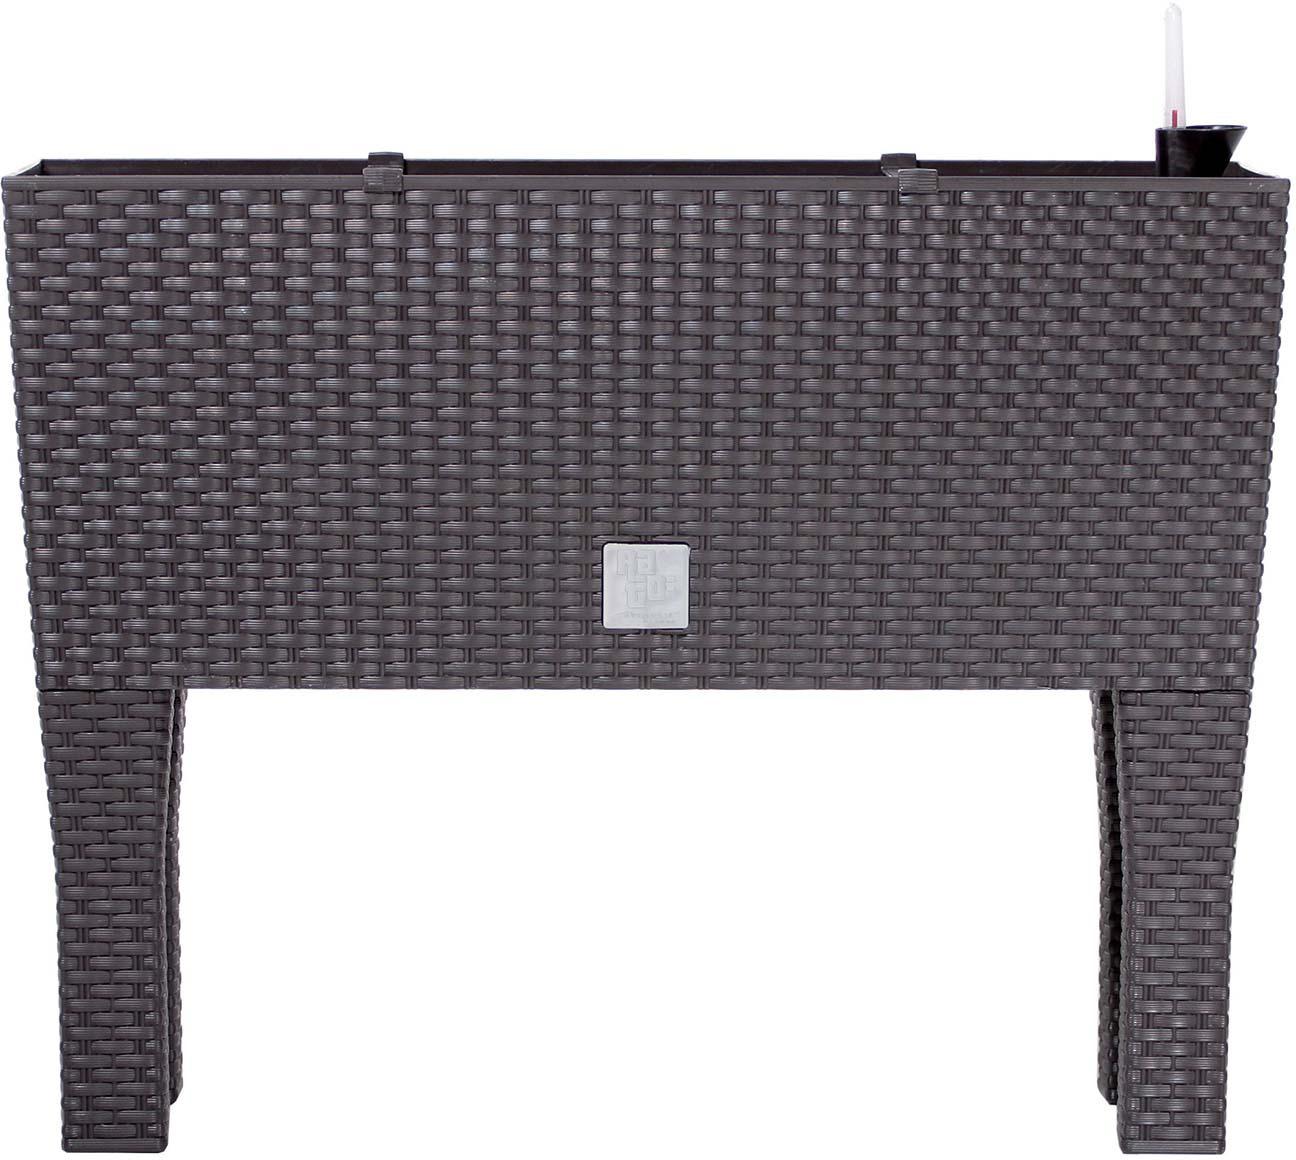 Кашпо с системой автополива Prosperplast Rato Case High, DRTC600H-440U, венге, 60 х 25 х 46 см кашпо prosperplast rato square drts325 440u wenge